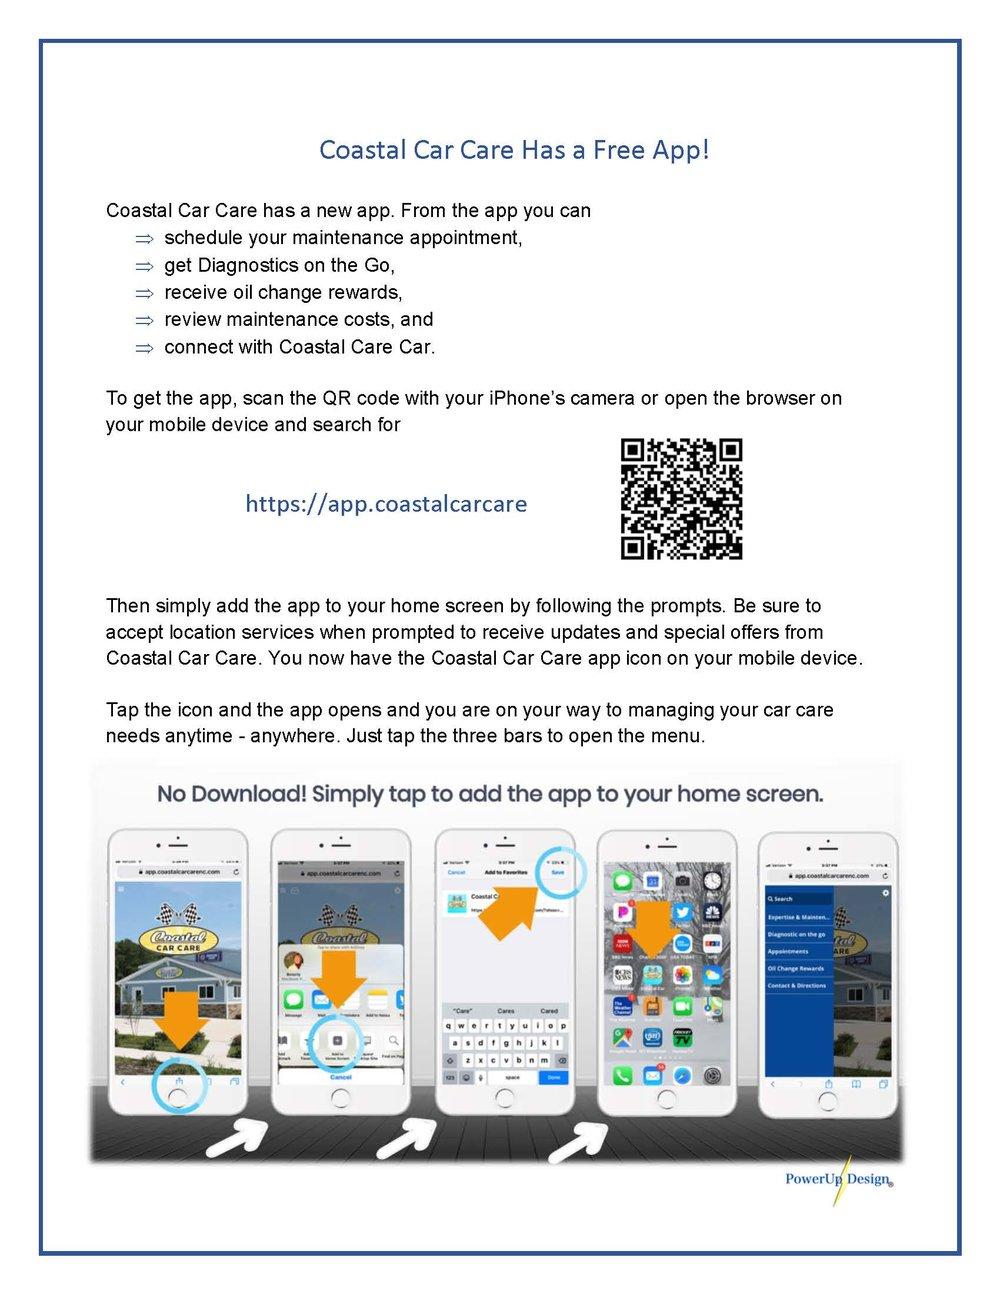 Coastal Car Care has an App.jpg